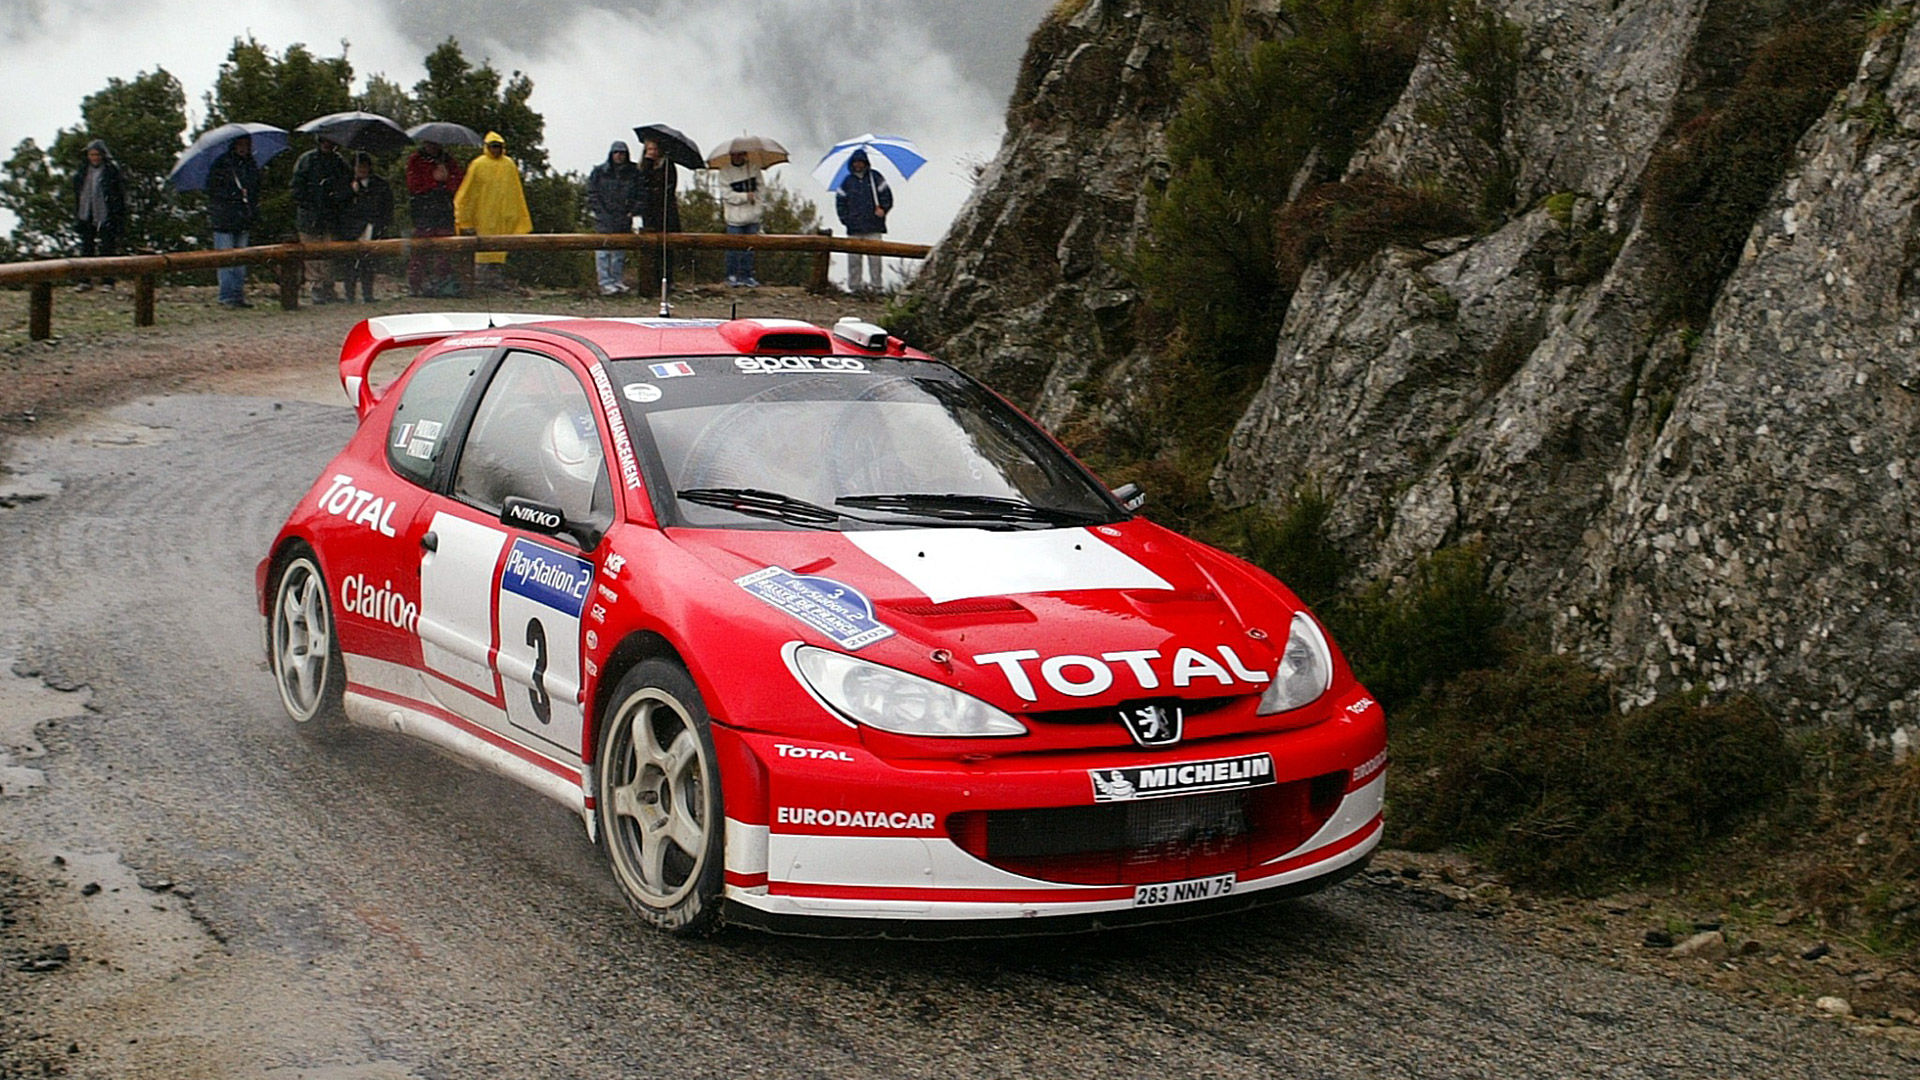 1999 Peugeot 206 WRC